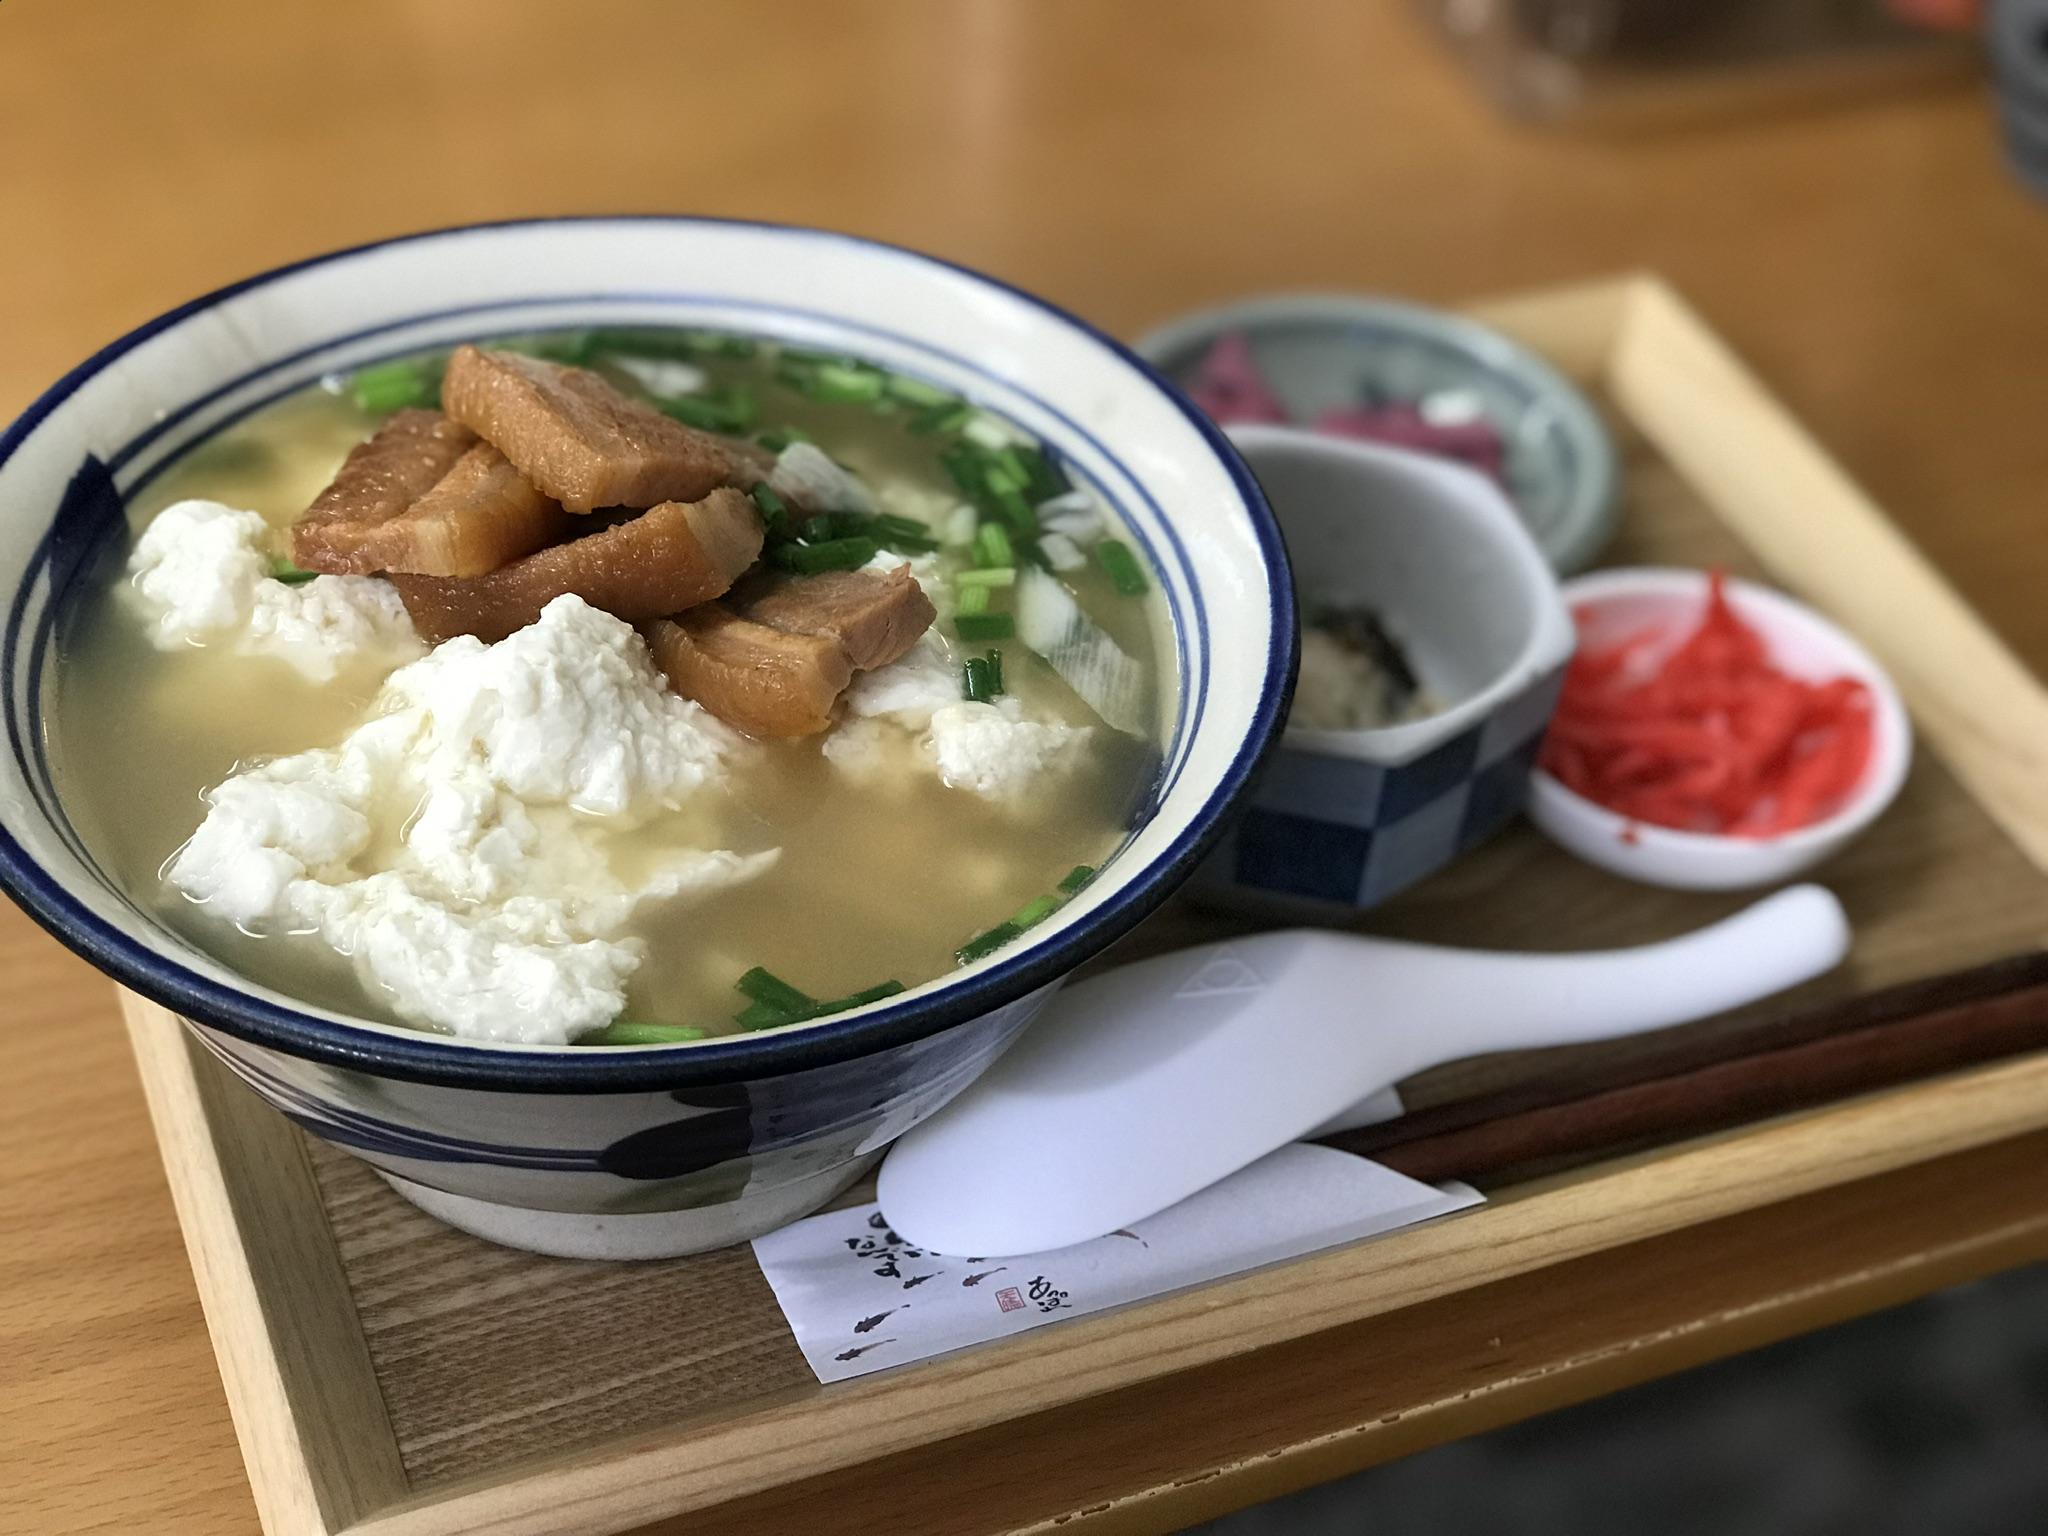 ハネムーン旅行、沖縄、ゆし豆腐そば、オススメ店、自家製麺。